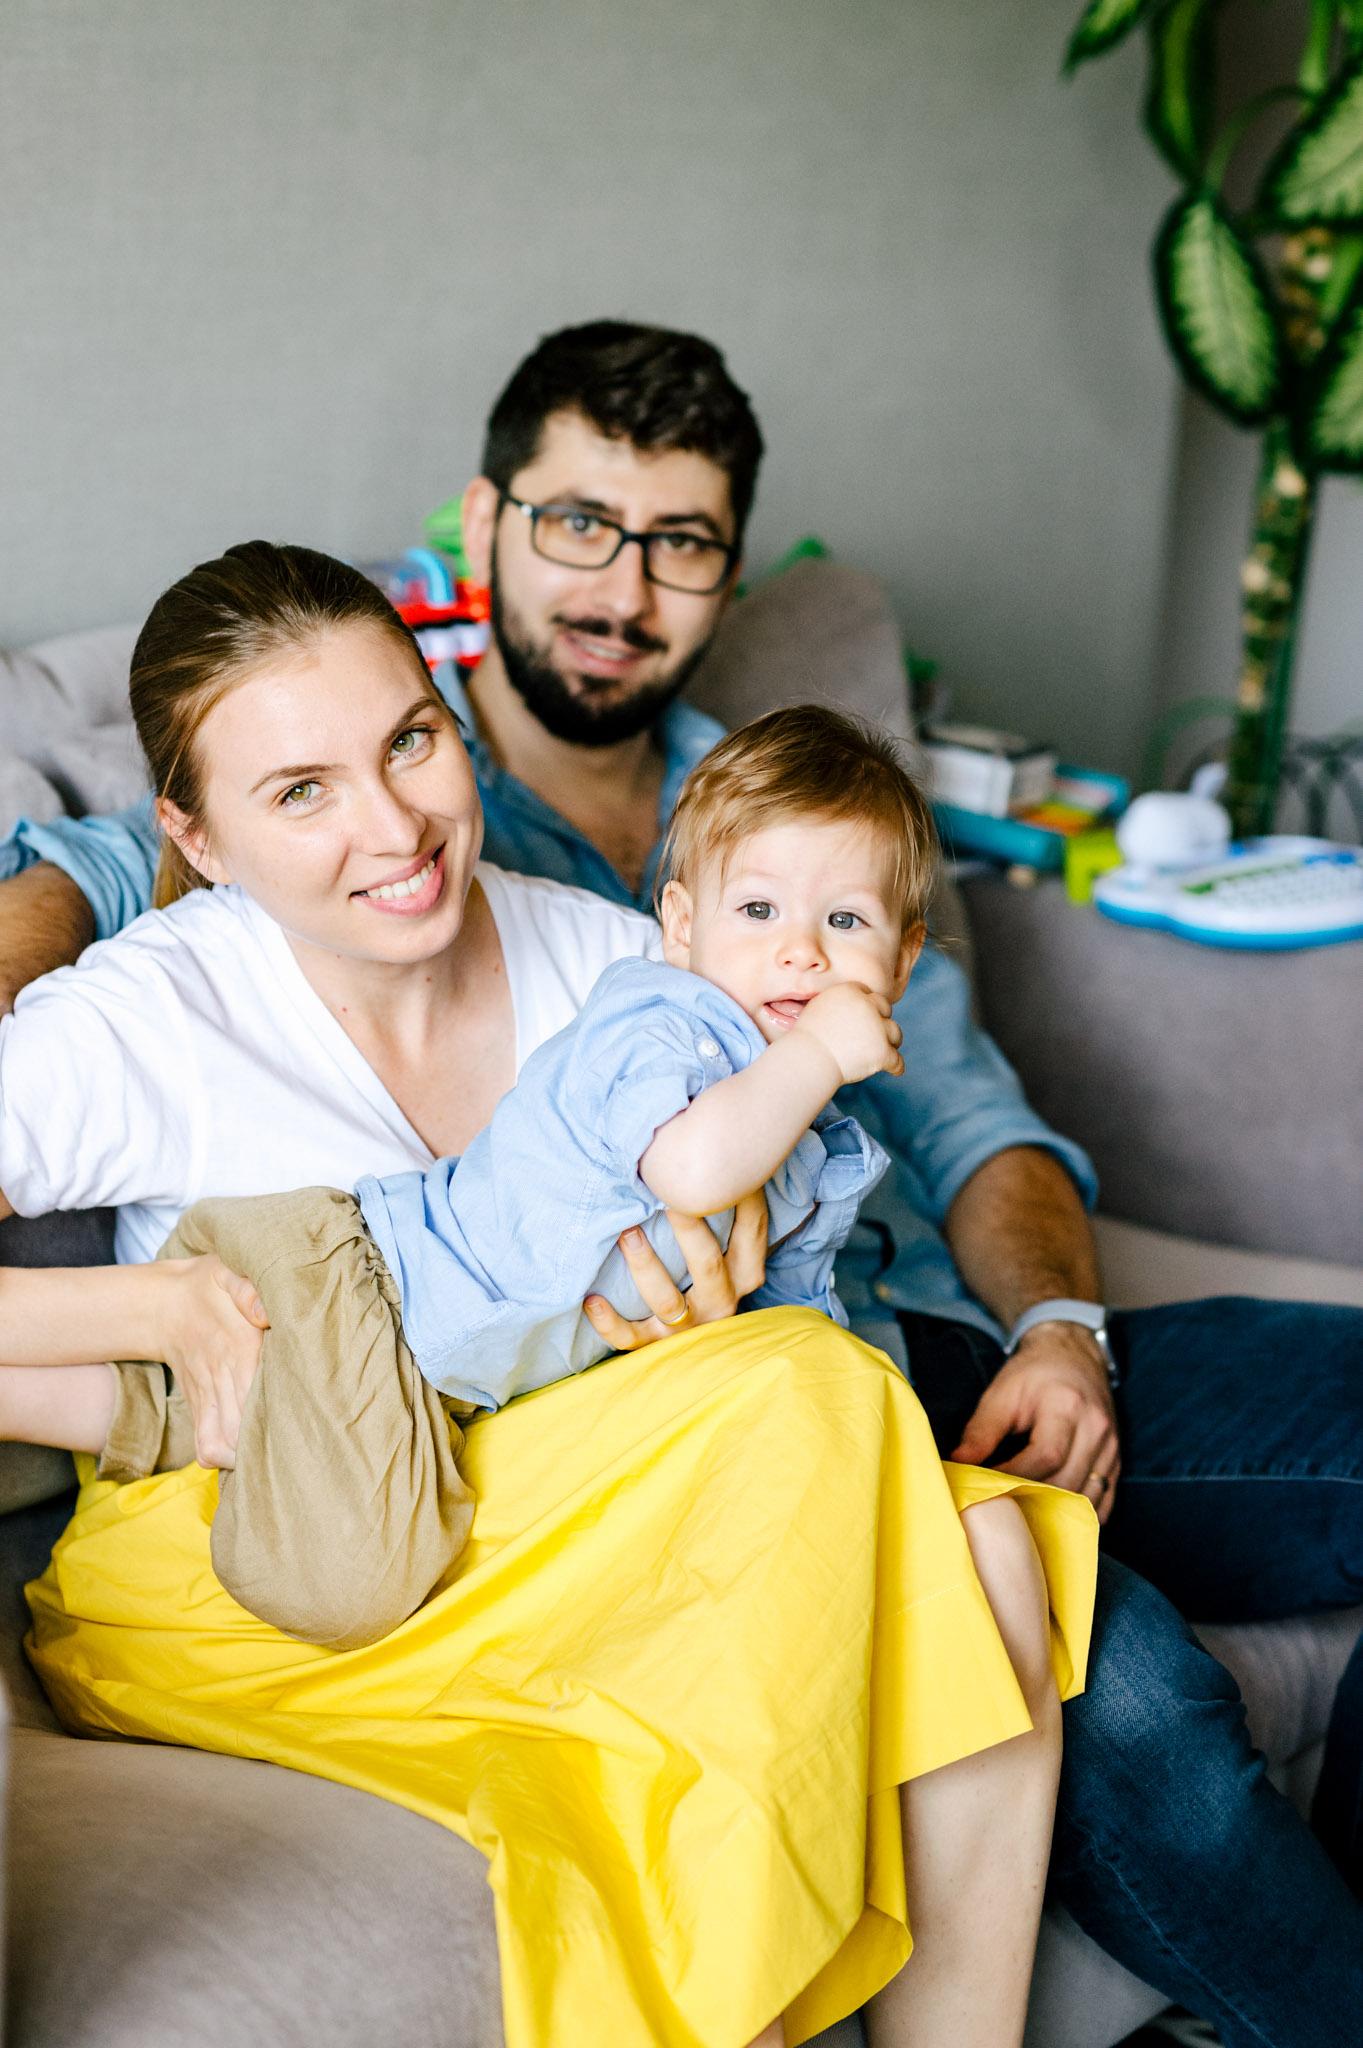 Fotografie de familie fotograf Dana Sacalov Bucuresti